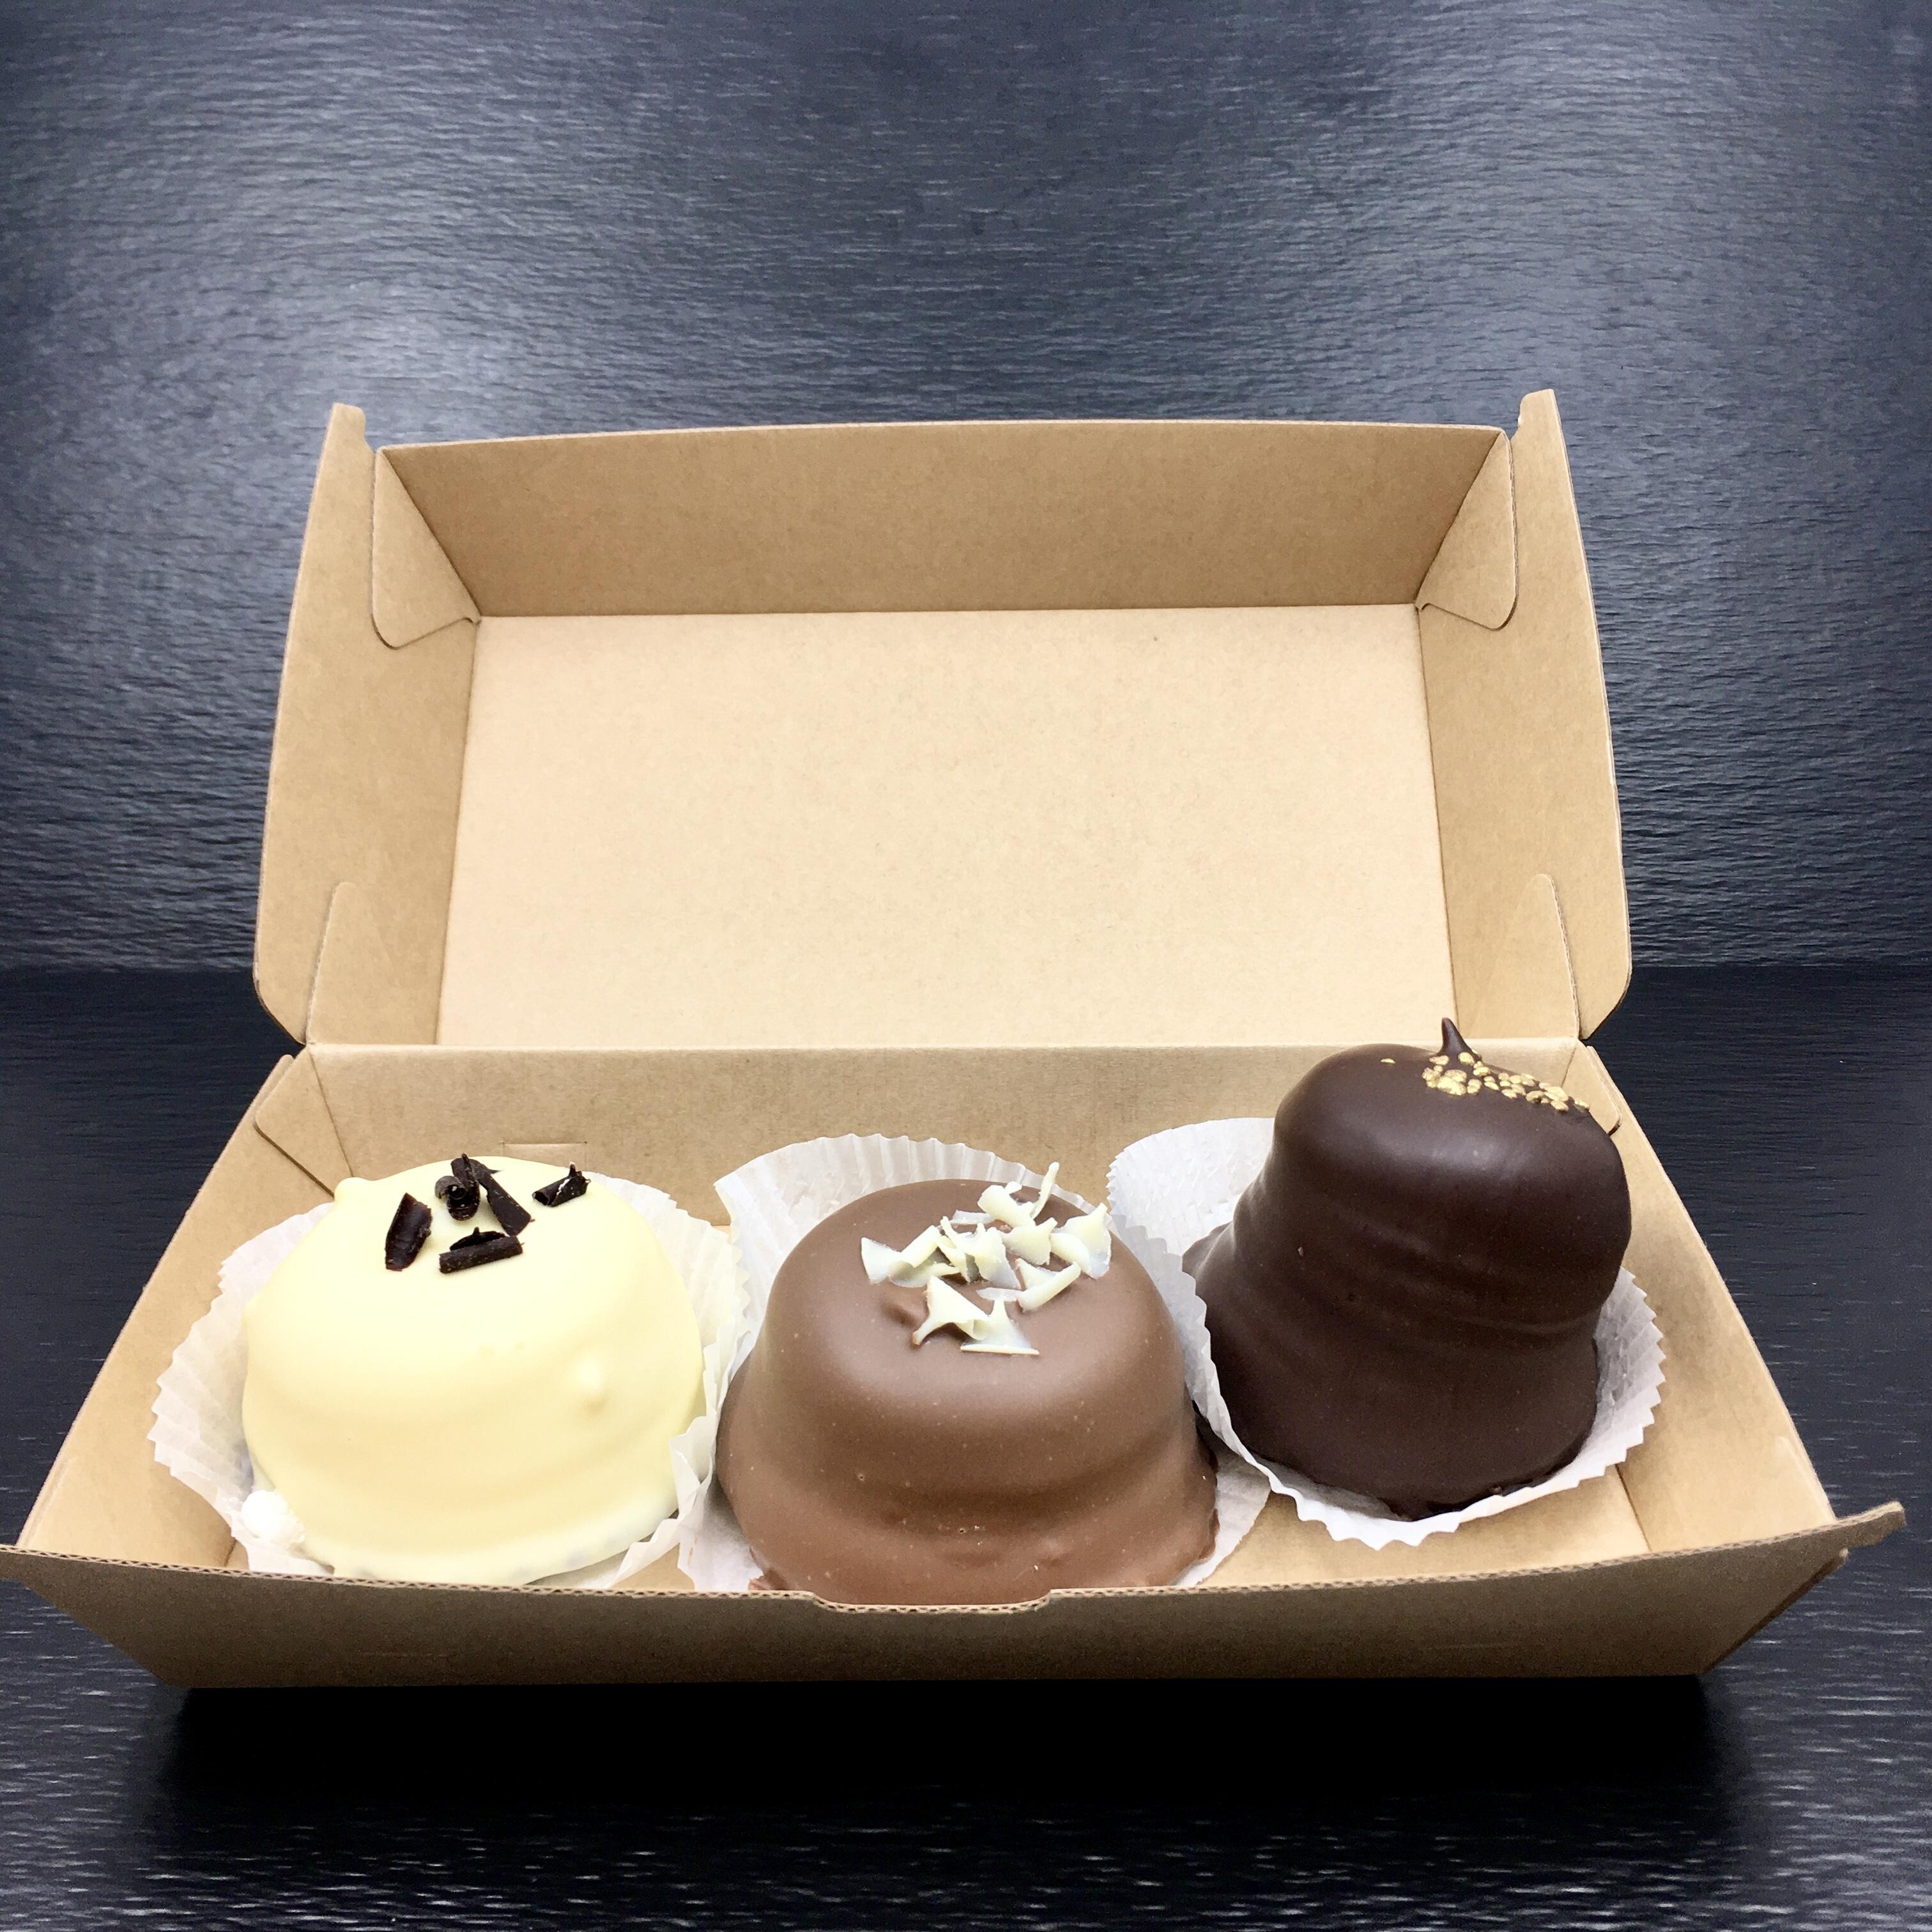 Küsse kann man nie genug bekommen. Diese 3er Box mit Schokoküssen wird eine vollen vielen weiteren sein, da sind wir sicher.